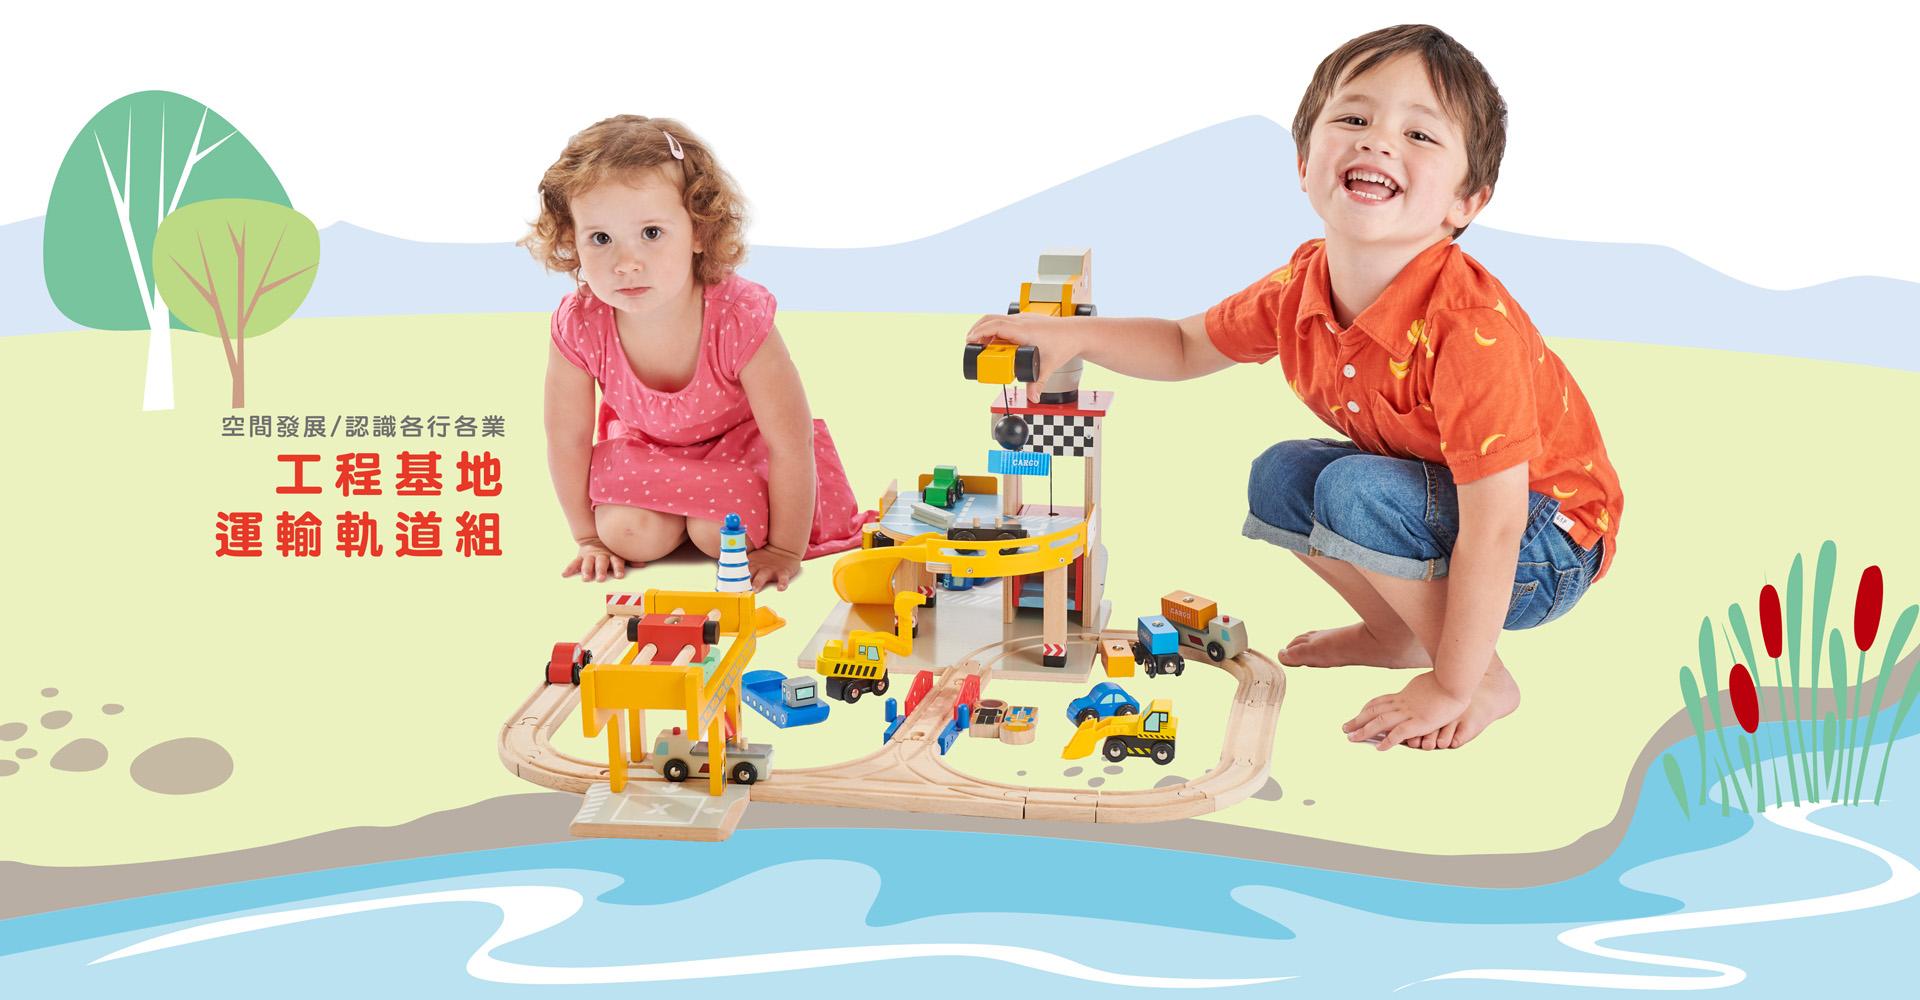 經典工程玩具結合火車軌道